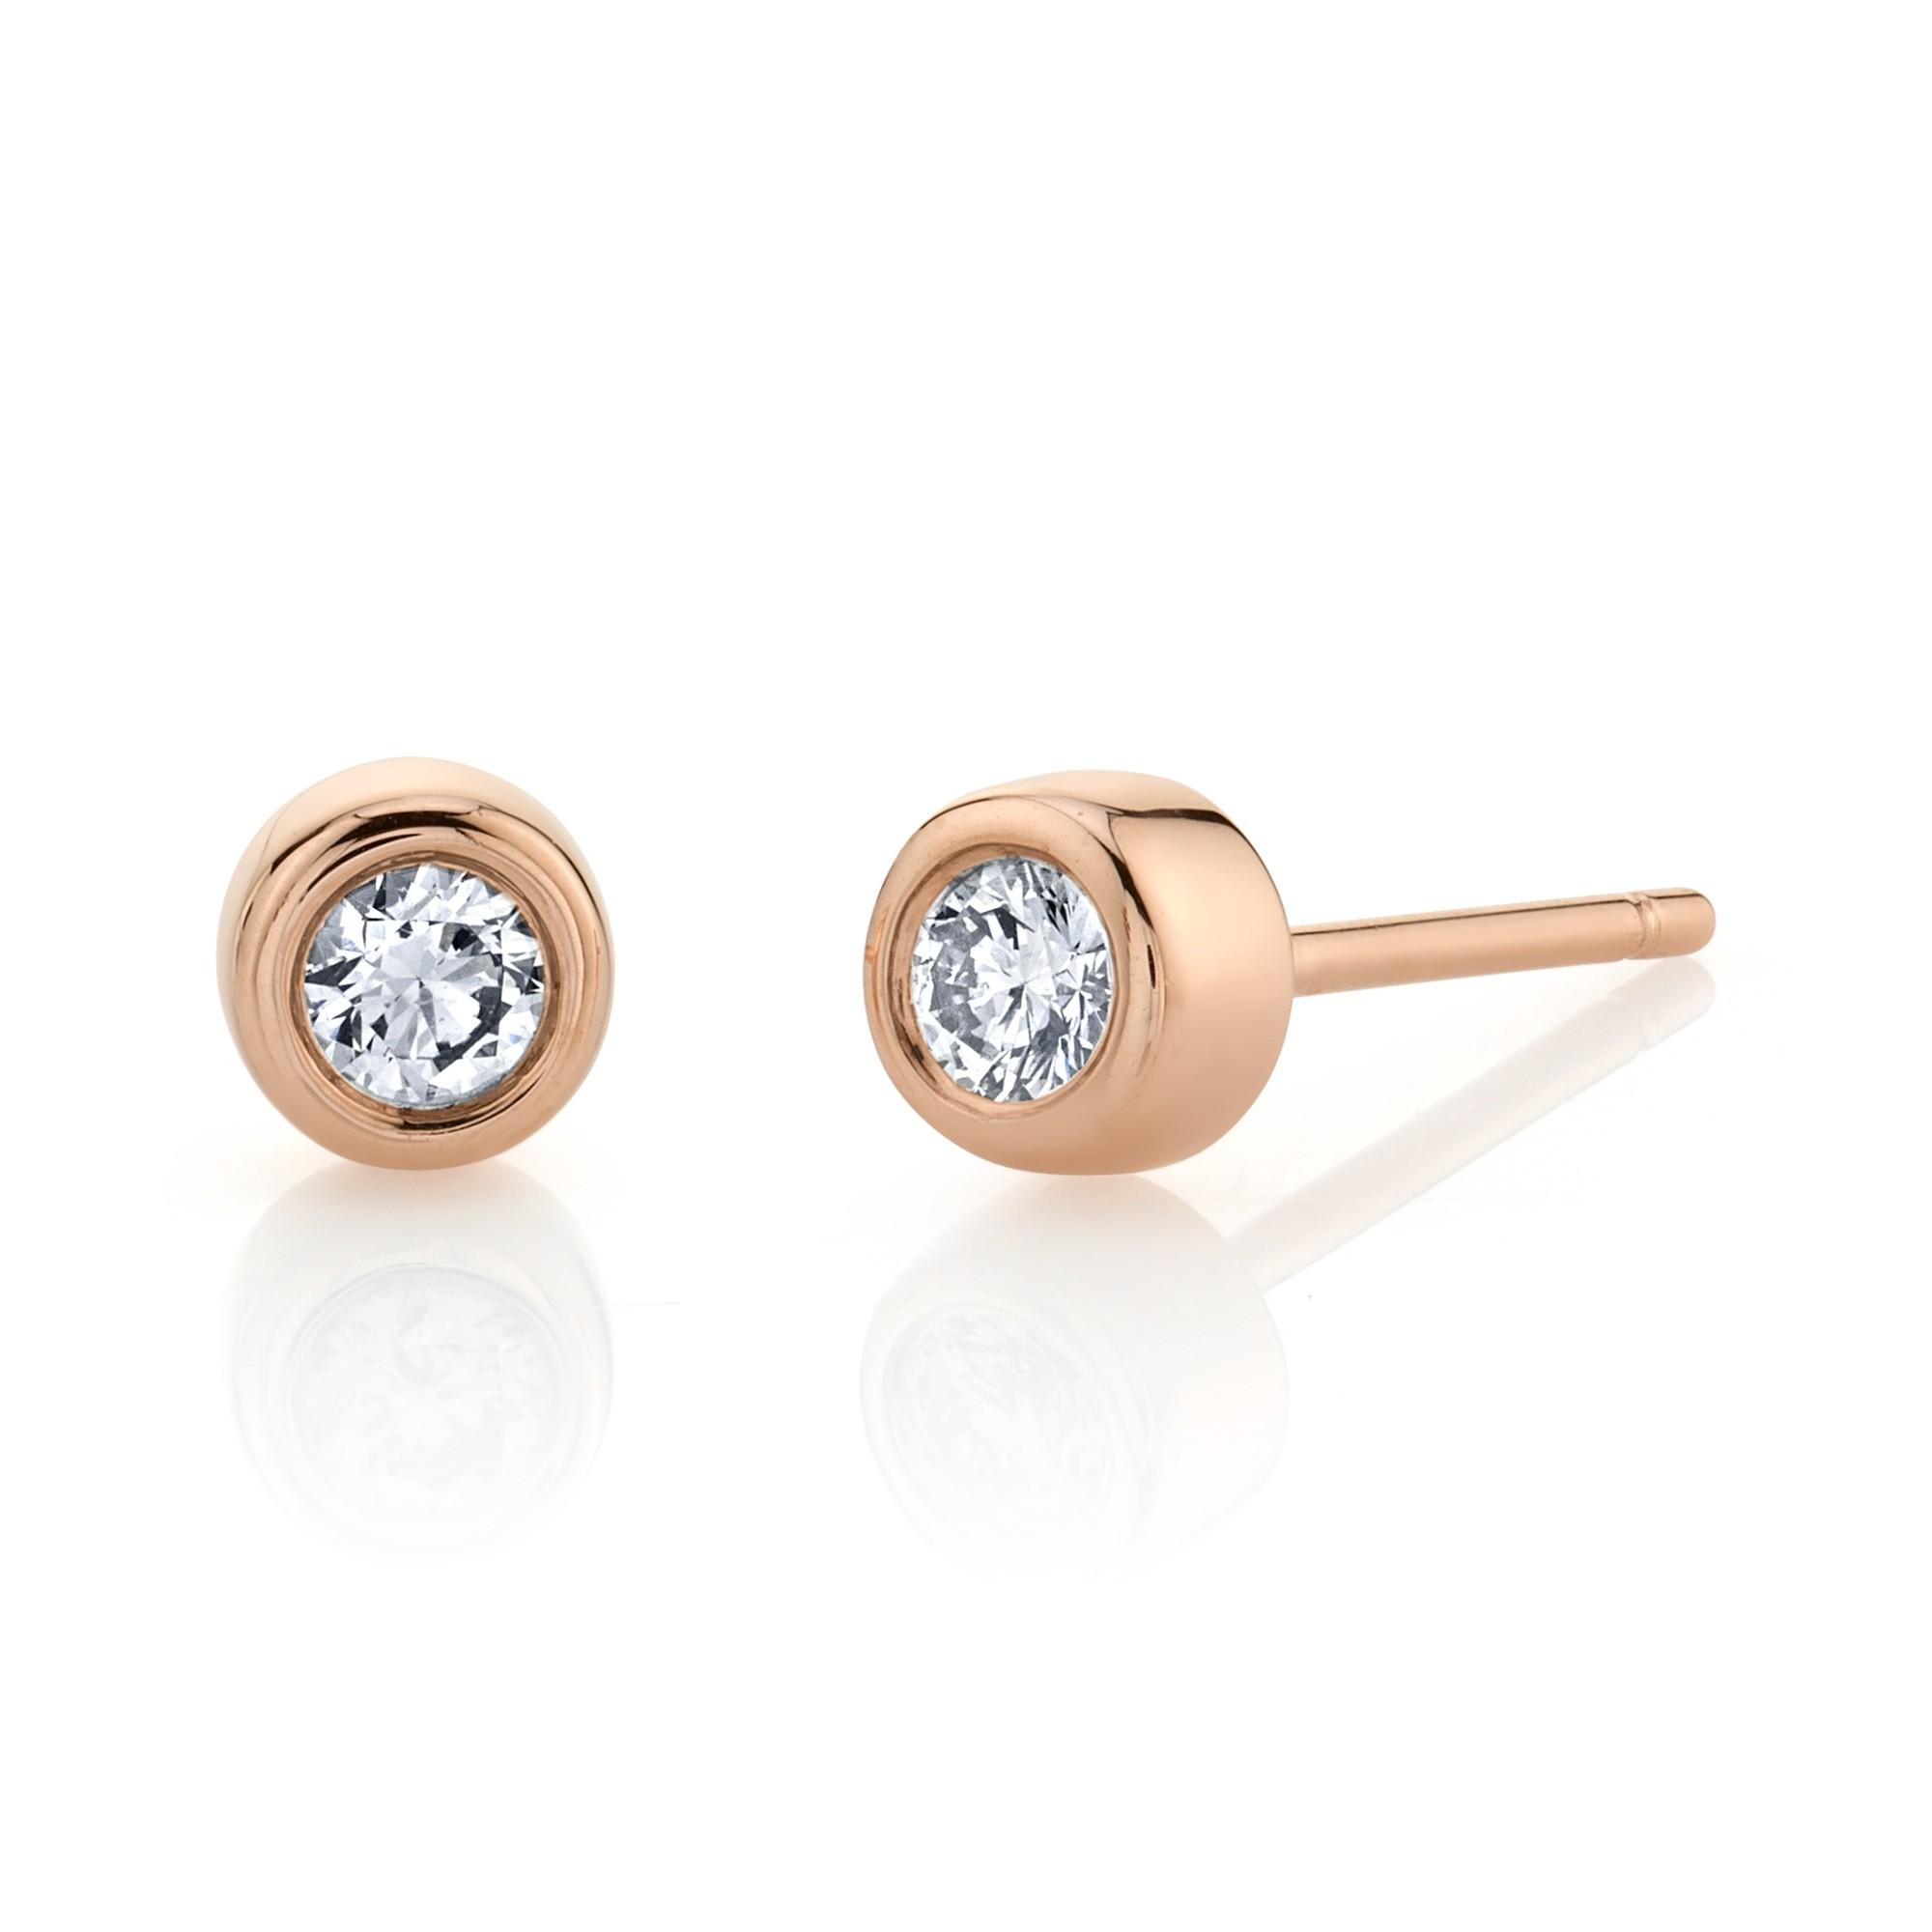 14k Rose Gold Bezel Set Diamond Stud Earrings